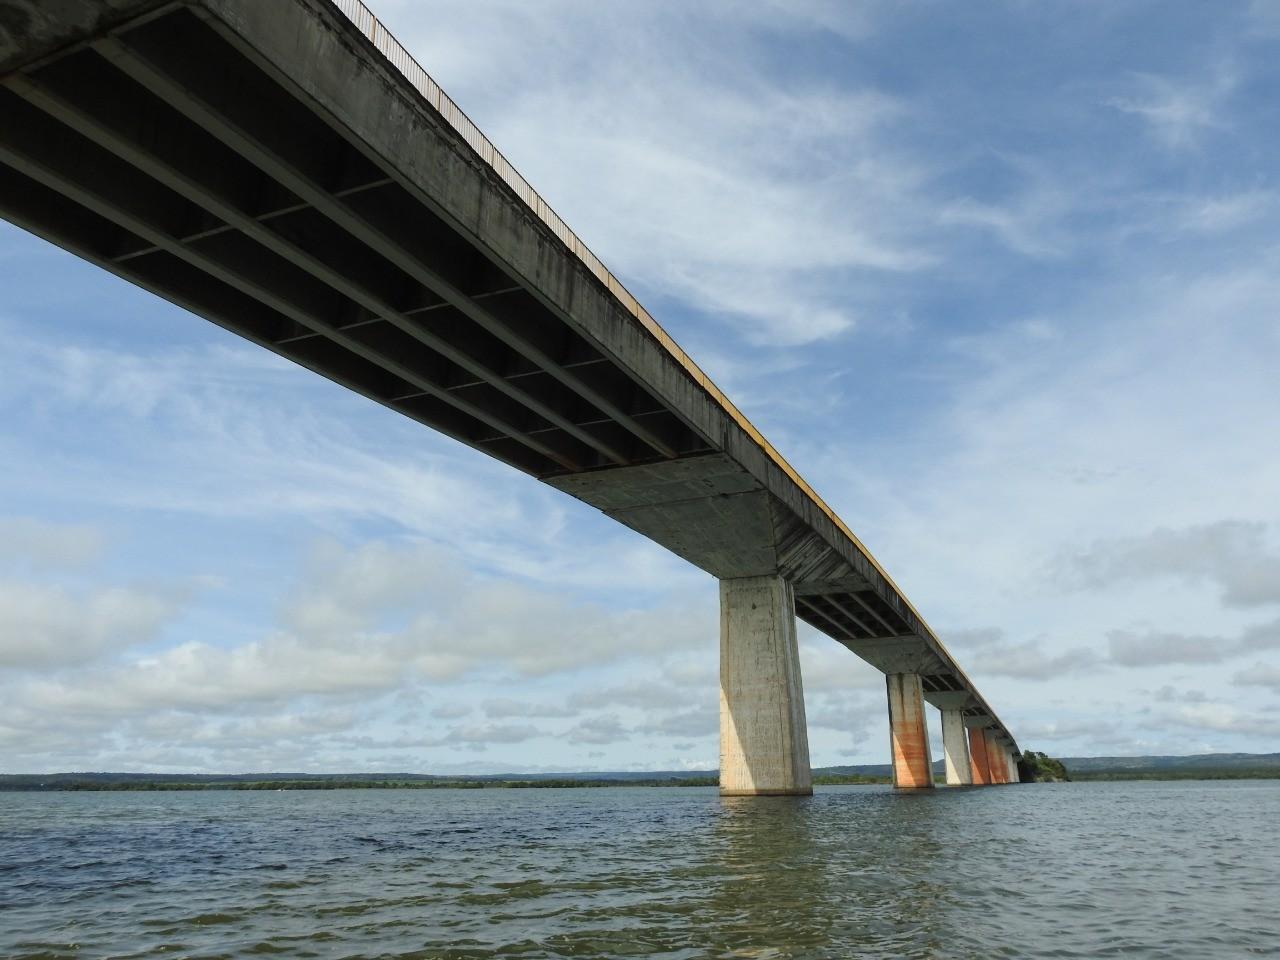 Procurador pede que governo não abra licitação para nova ponte até saber de onde virão os recursos - Noticias